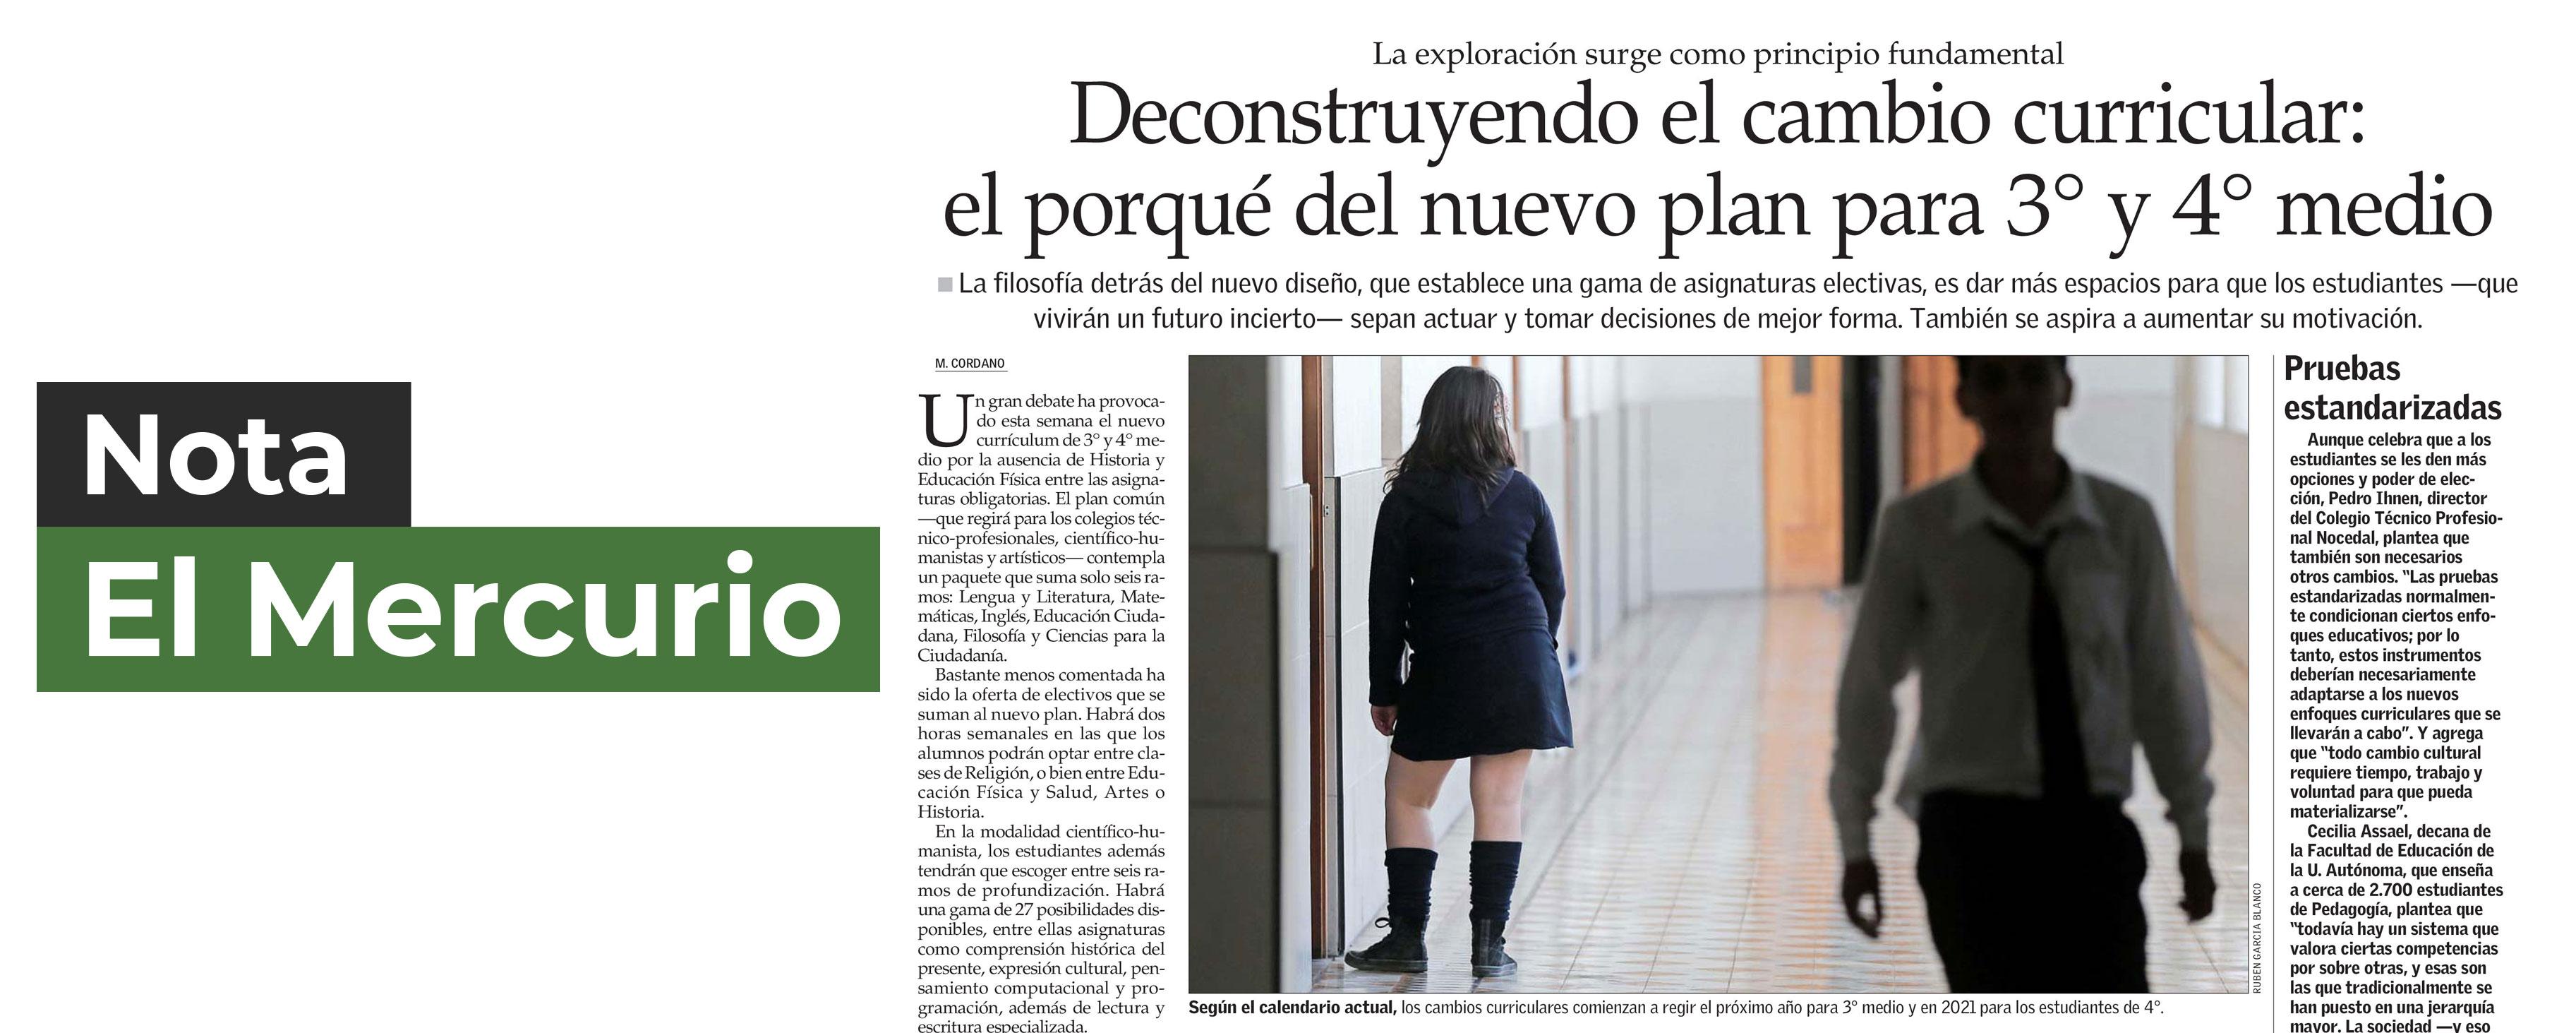 Nota El Mercurio | Deconstruyendo el Cambio Curricular